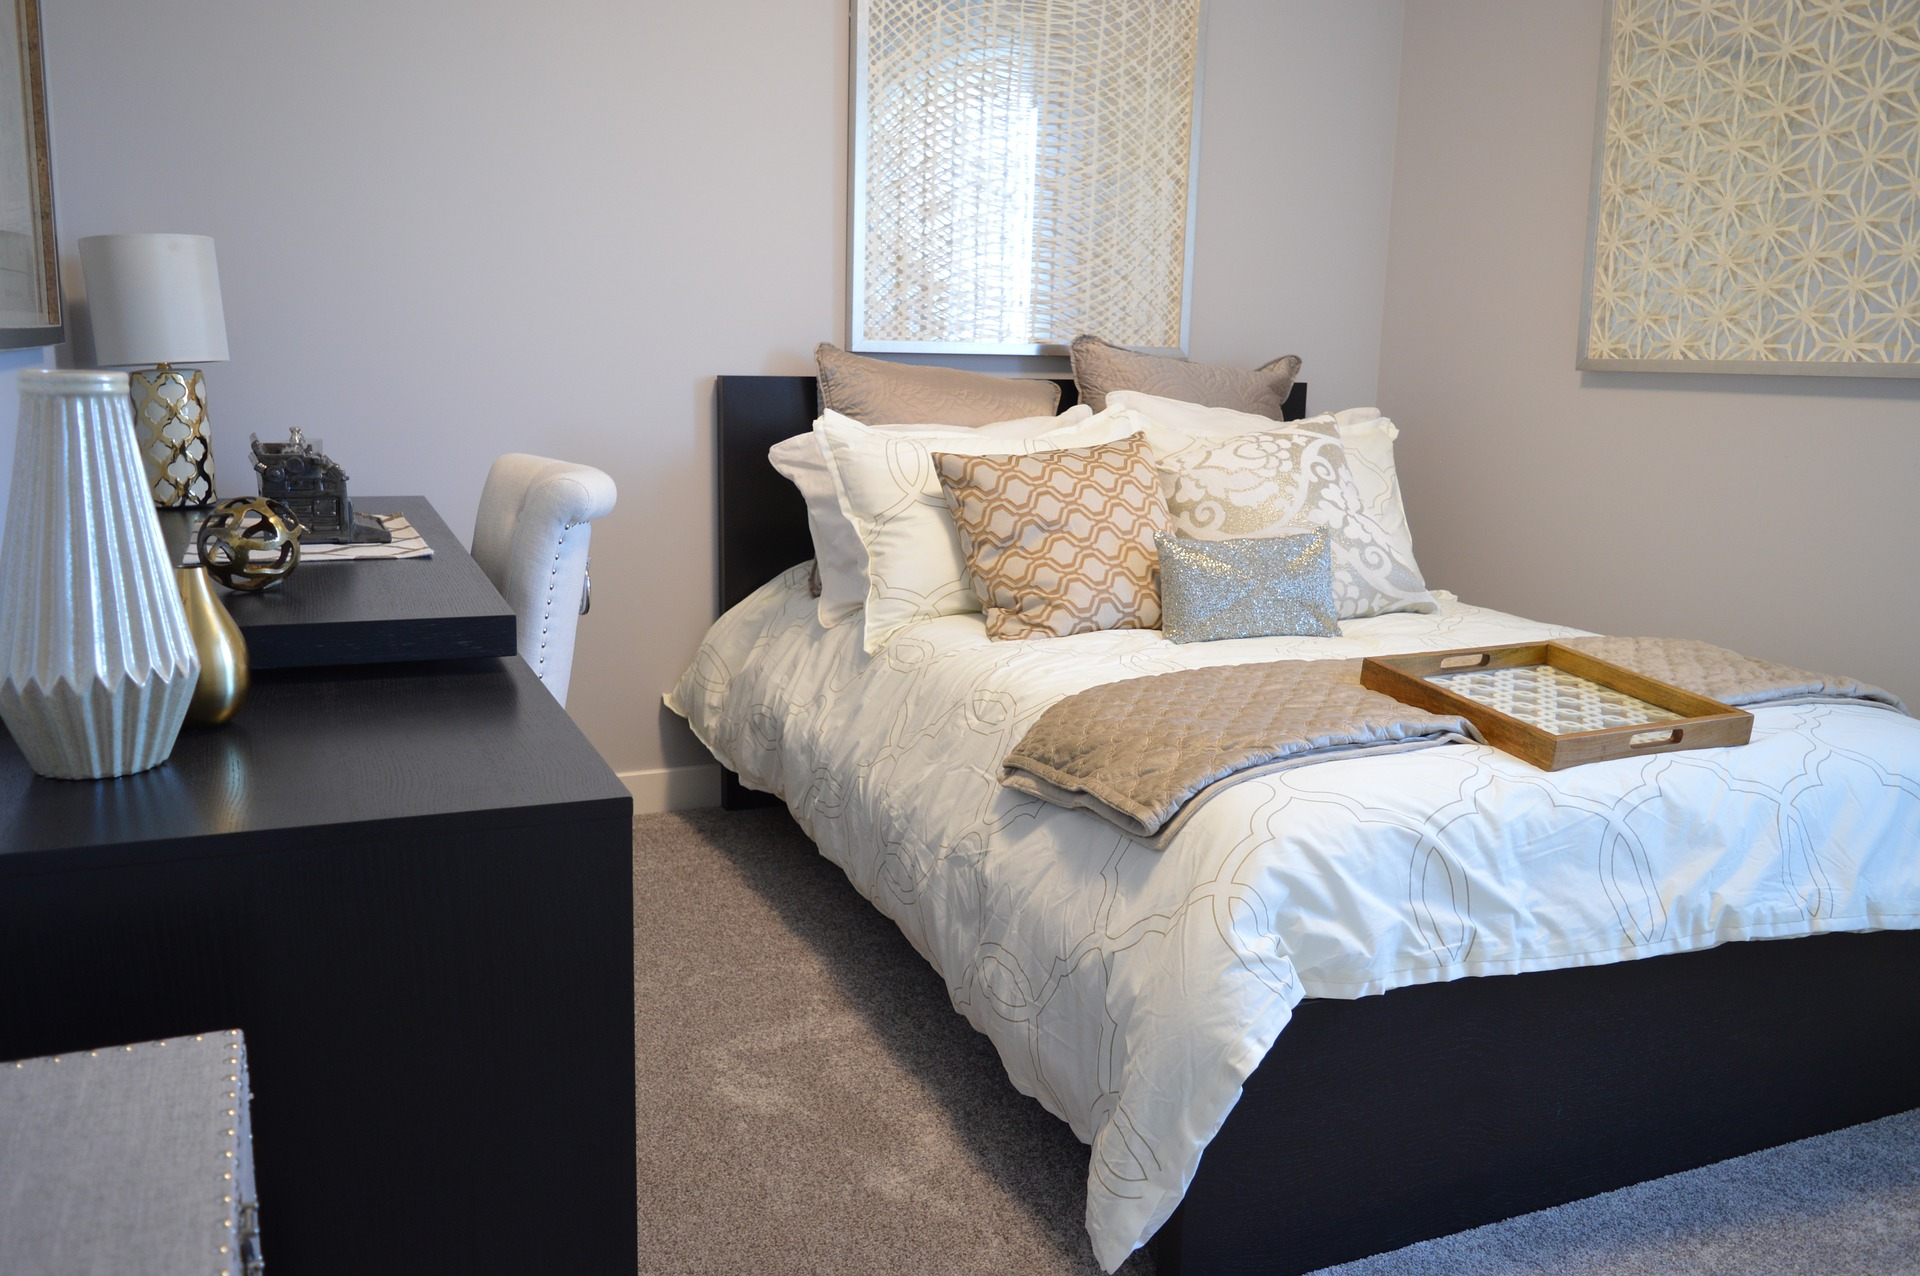 bedroom-1078890_1920